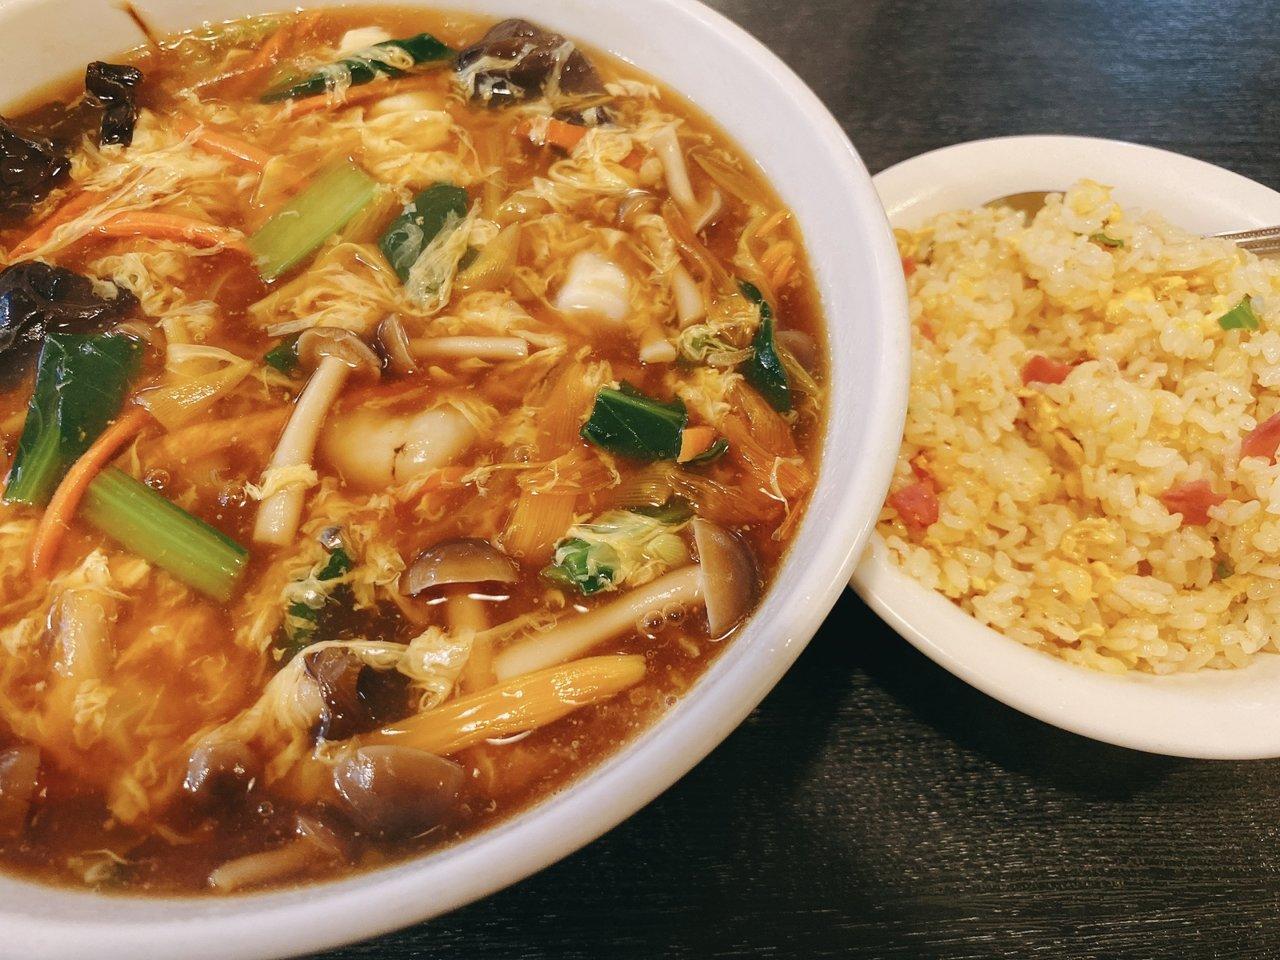 東京ローカルのおいしいラーメンがたべたい|香港海鮮一品麺と半チャーハン